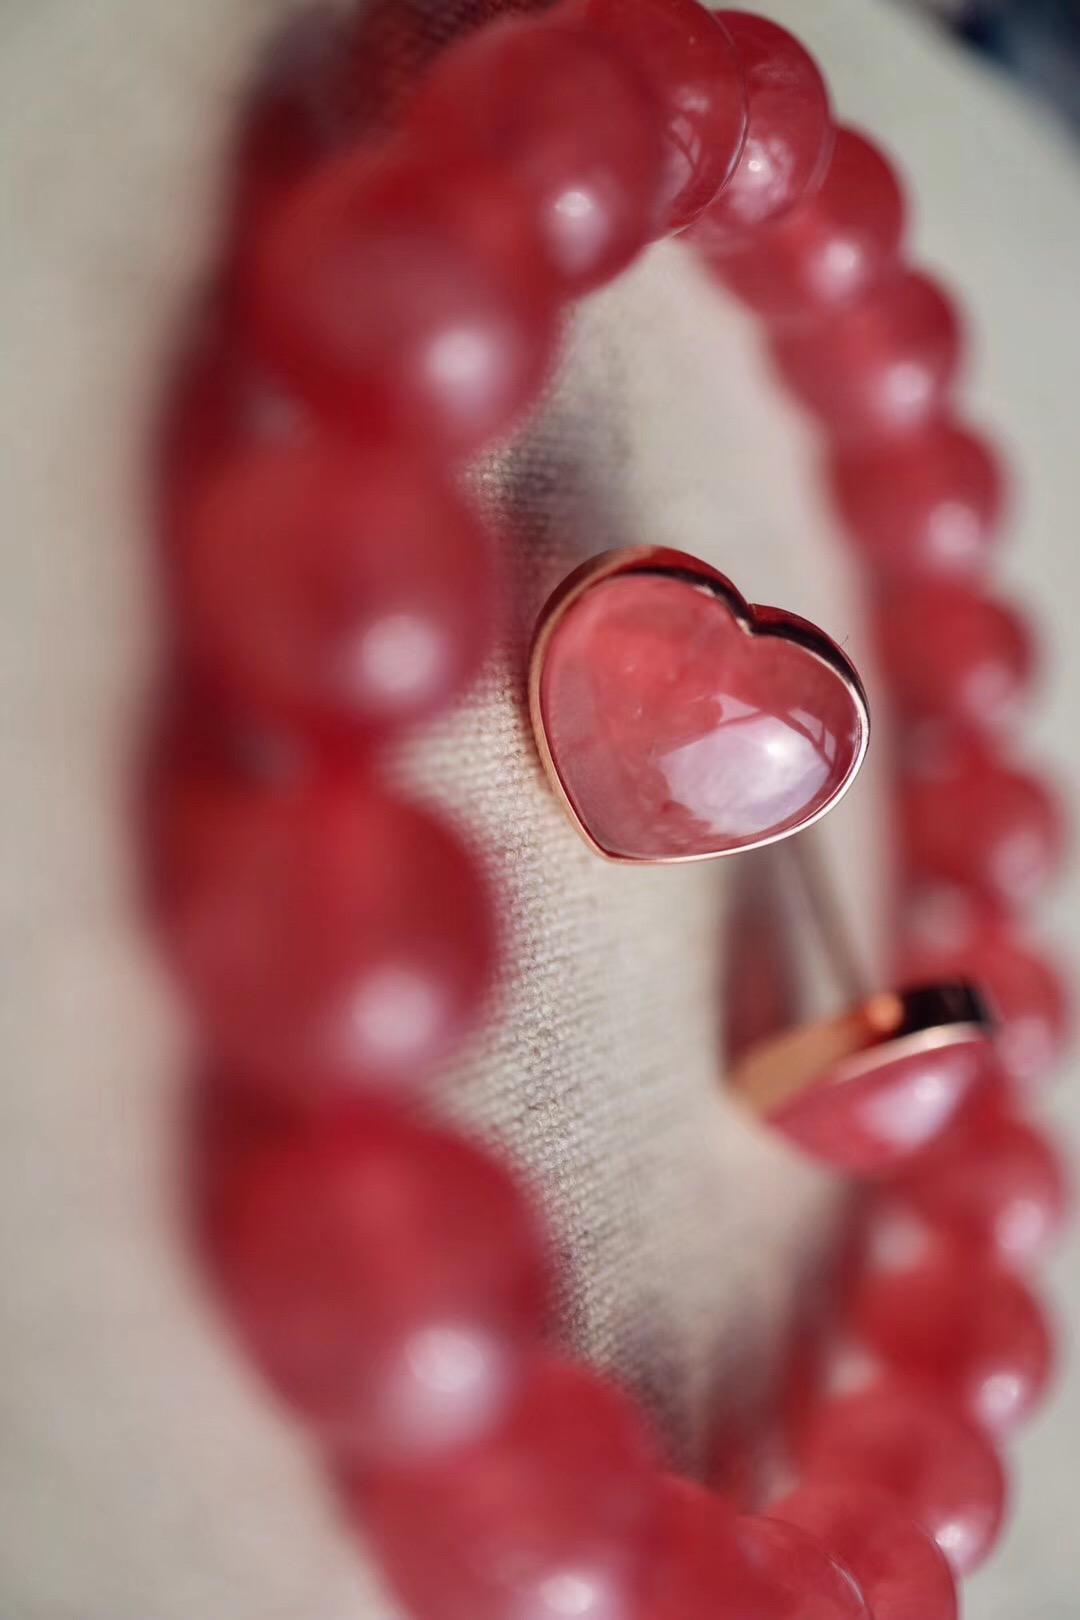 【冰种红纹石】 去爱值得爱的人,去忘不该记的事~~-菩心晶舍